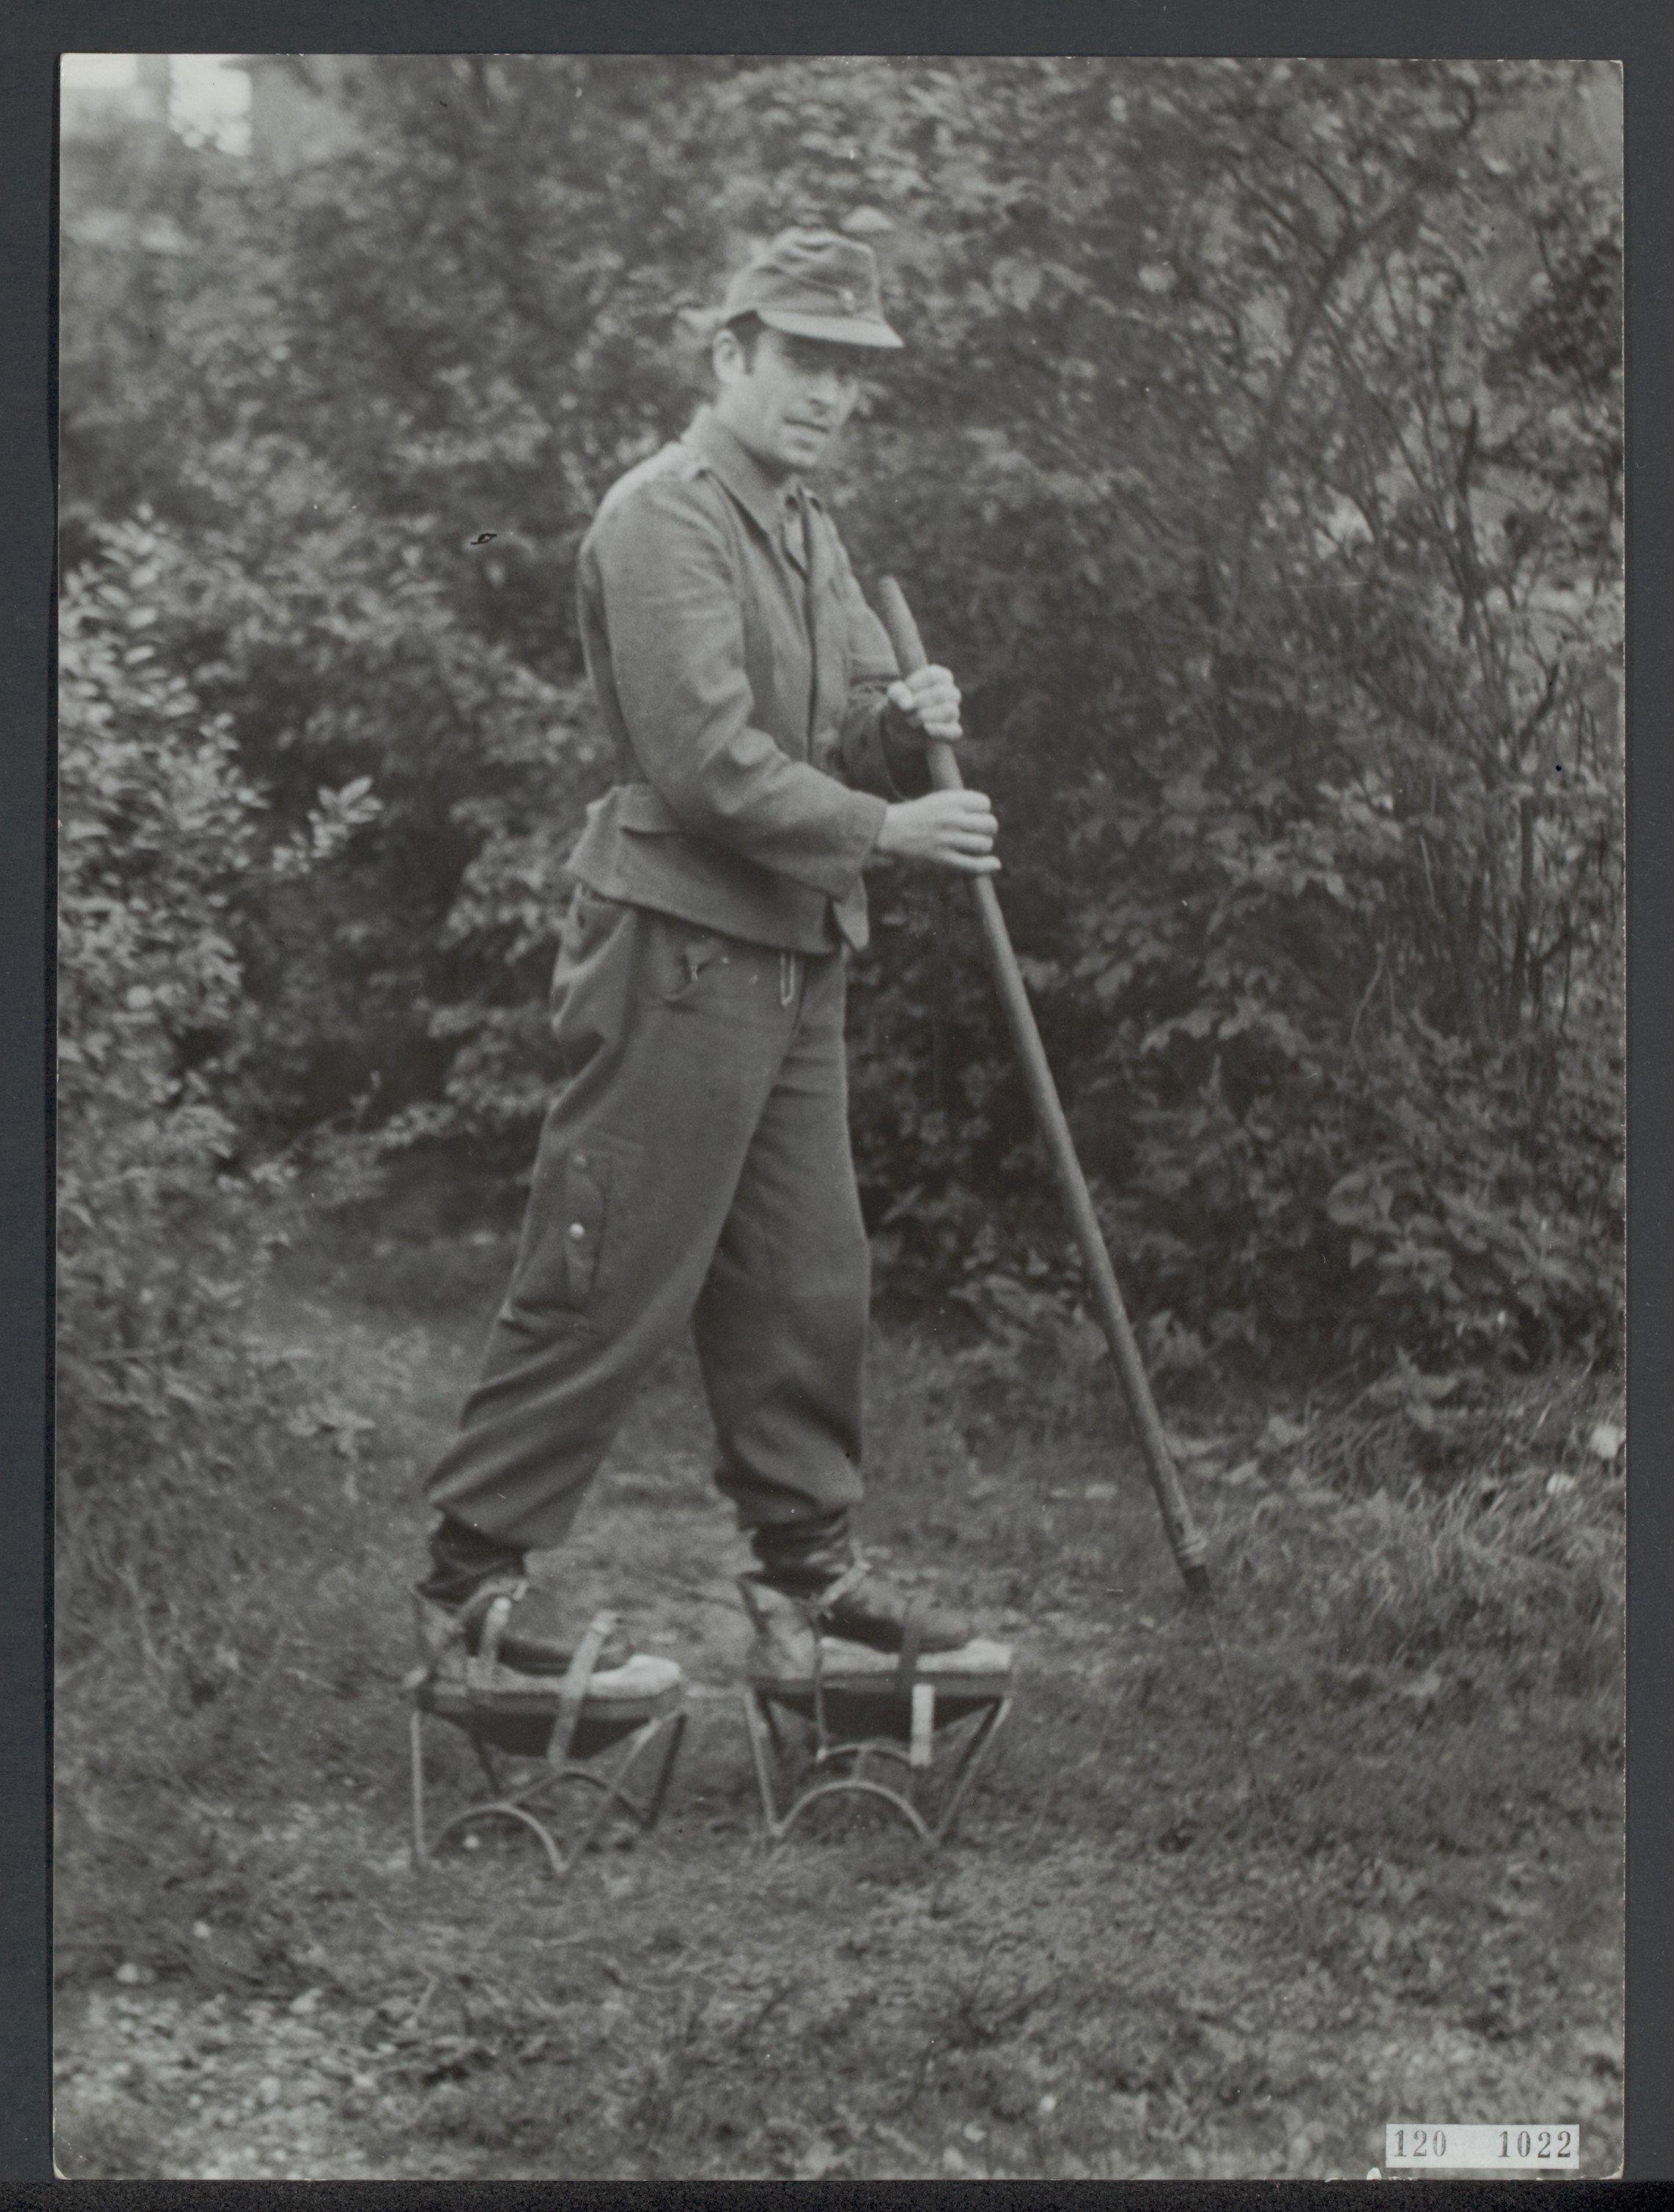 Opruimen_van_landmijnen_bij_Hoek_van_Holland._Duitse_krijgsgevangen_worden_daarb,_Bestanddeelnr_120-1022